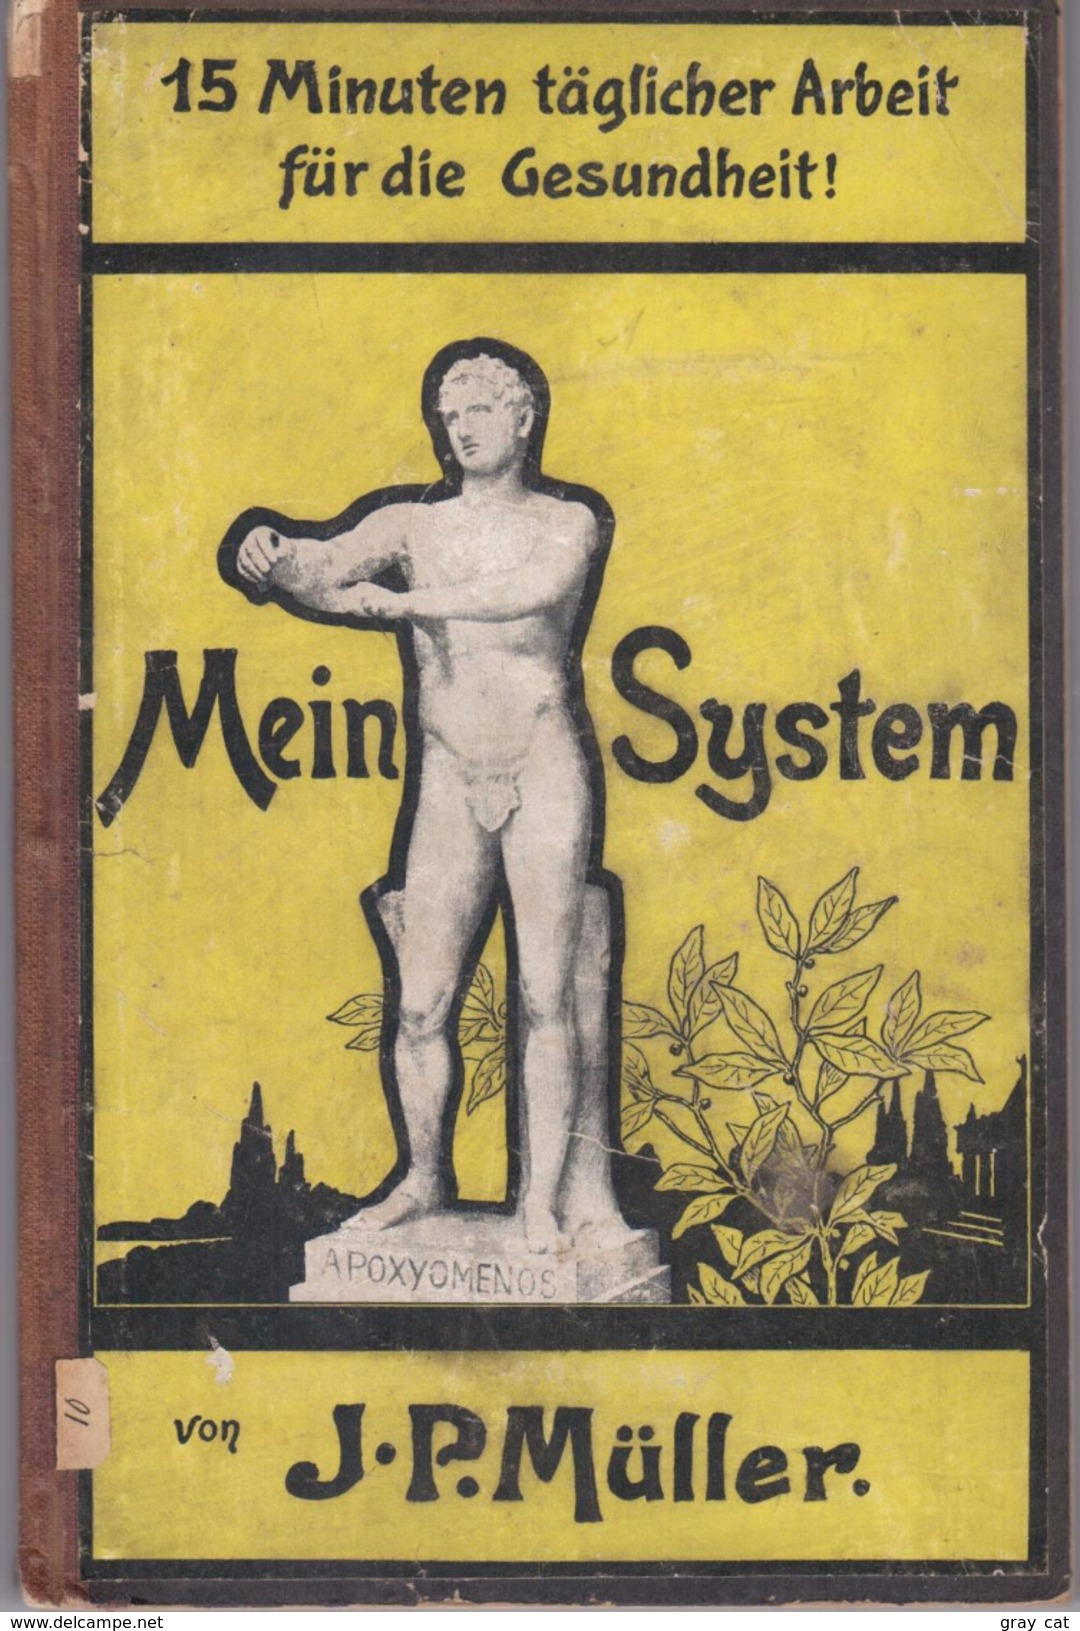 Mein System: 15 Minuten Täglicher Arbeit Für Die Gesundheit By Muller, J. P - Old Books